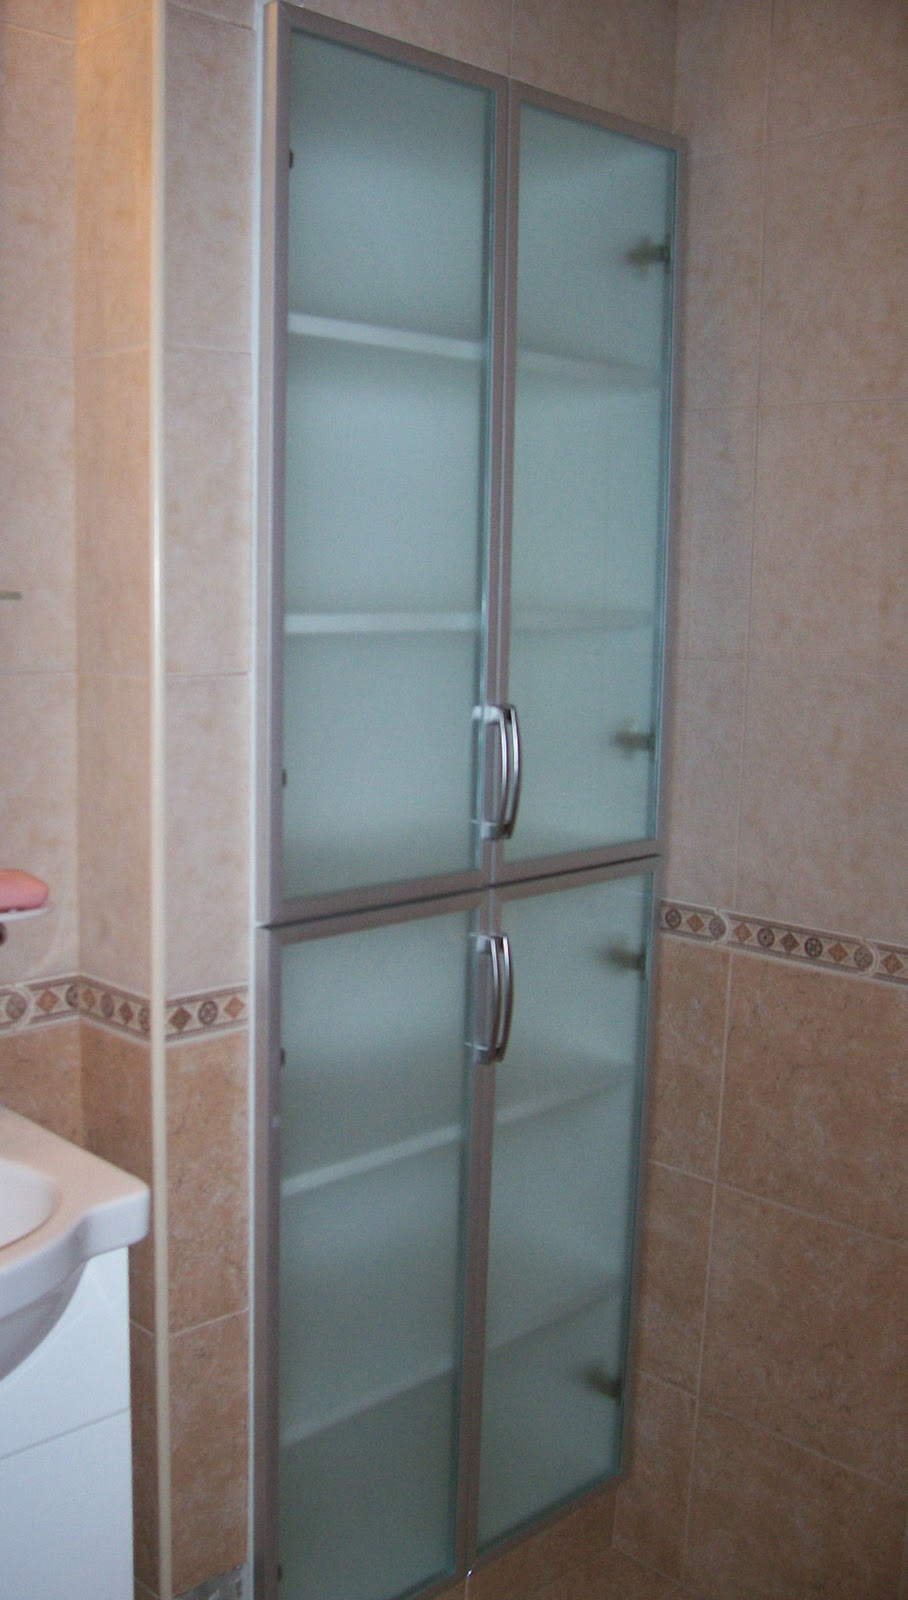 deco vanguardia mueble de ba o aluminio y vidrio